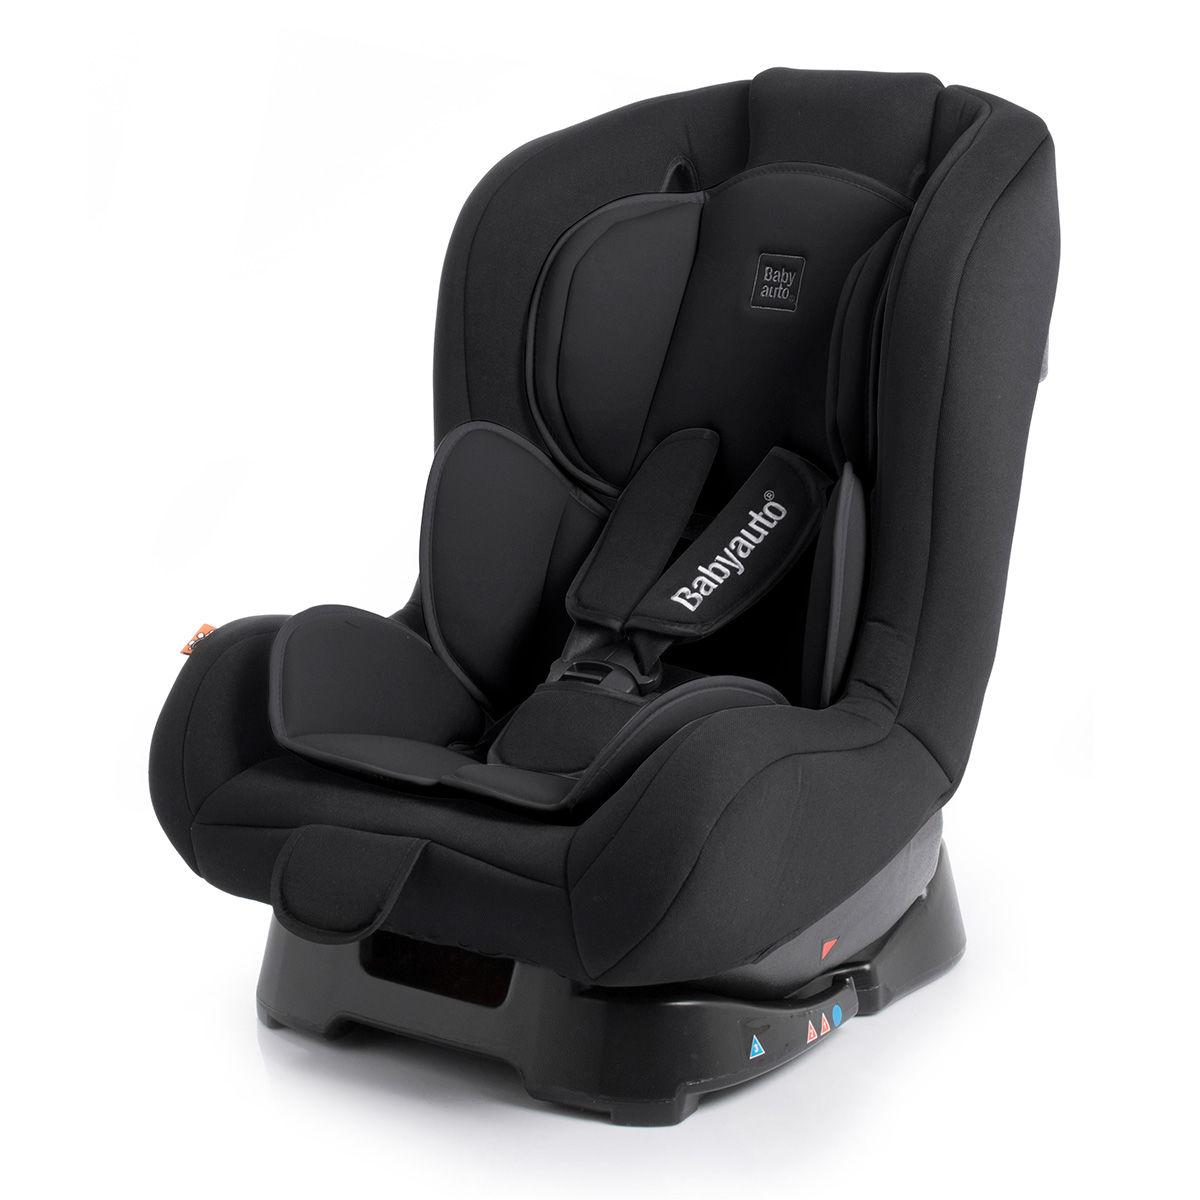 Afbeelding van Autostoel Babyauto Lolo Zwart (0-18kg)